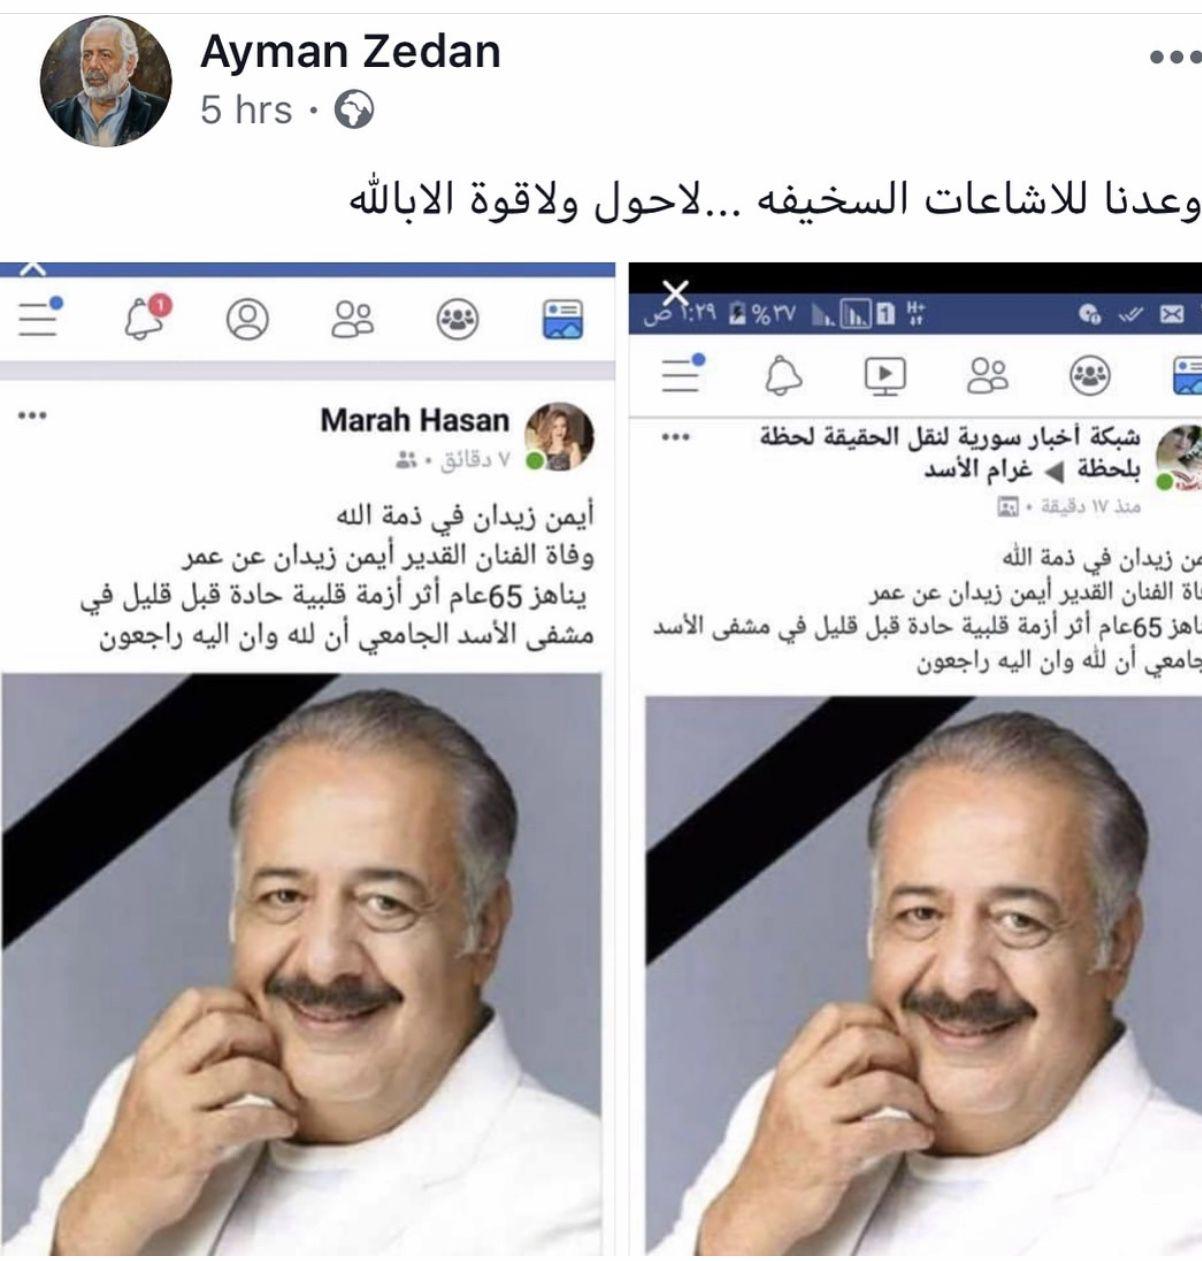 حقيقة خبر وفاة فيفي عبده عن عمر يناهز 61 عامآ